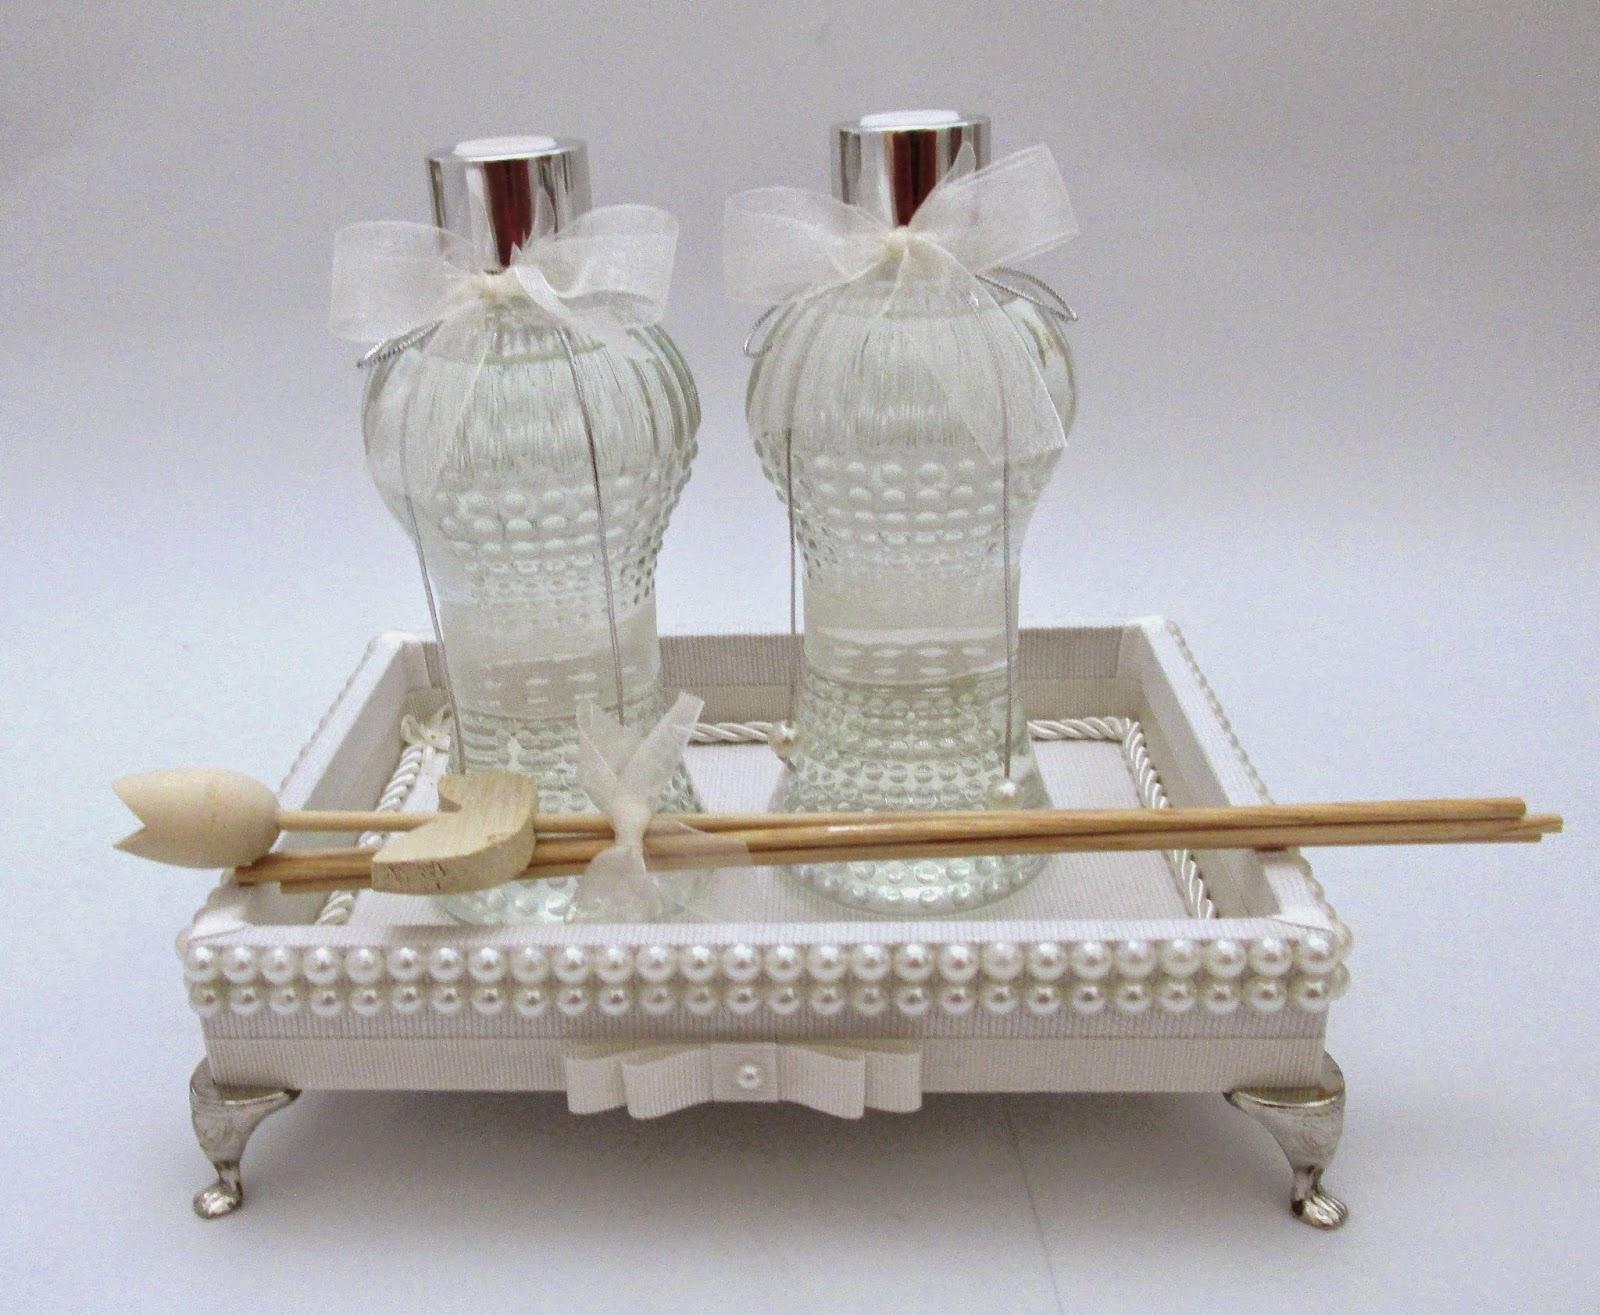 decoracao bandeja lavabo : decoracao bandeja lavabo:Divina Caixa: Kit Lavabo em bandeja com pérolas